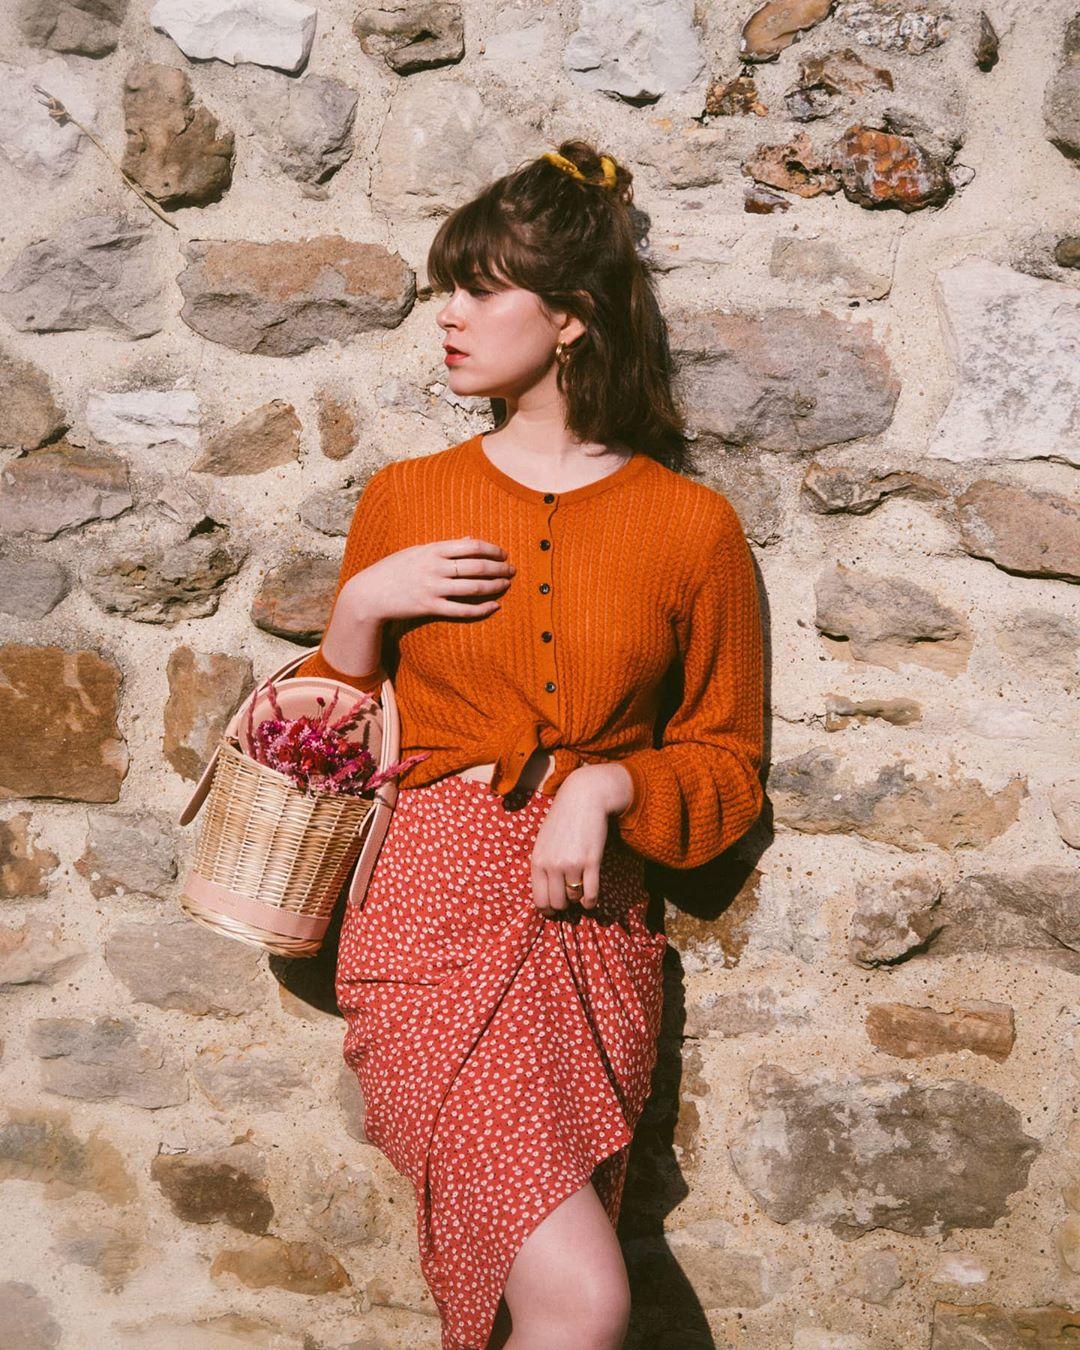 Chân váy hoa nhí màu đỏ và áo cardigan lửng màu cam đất.Ảnh: @apollinethibault